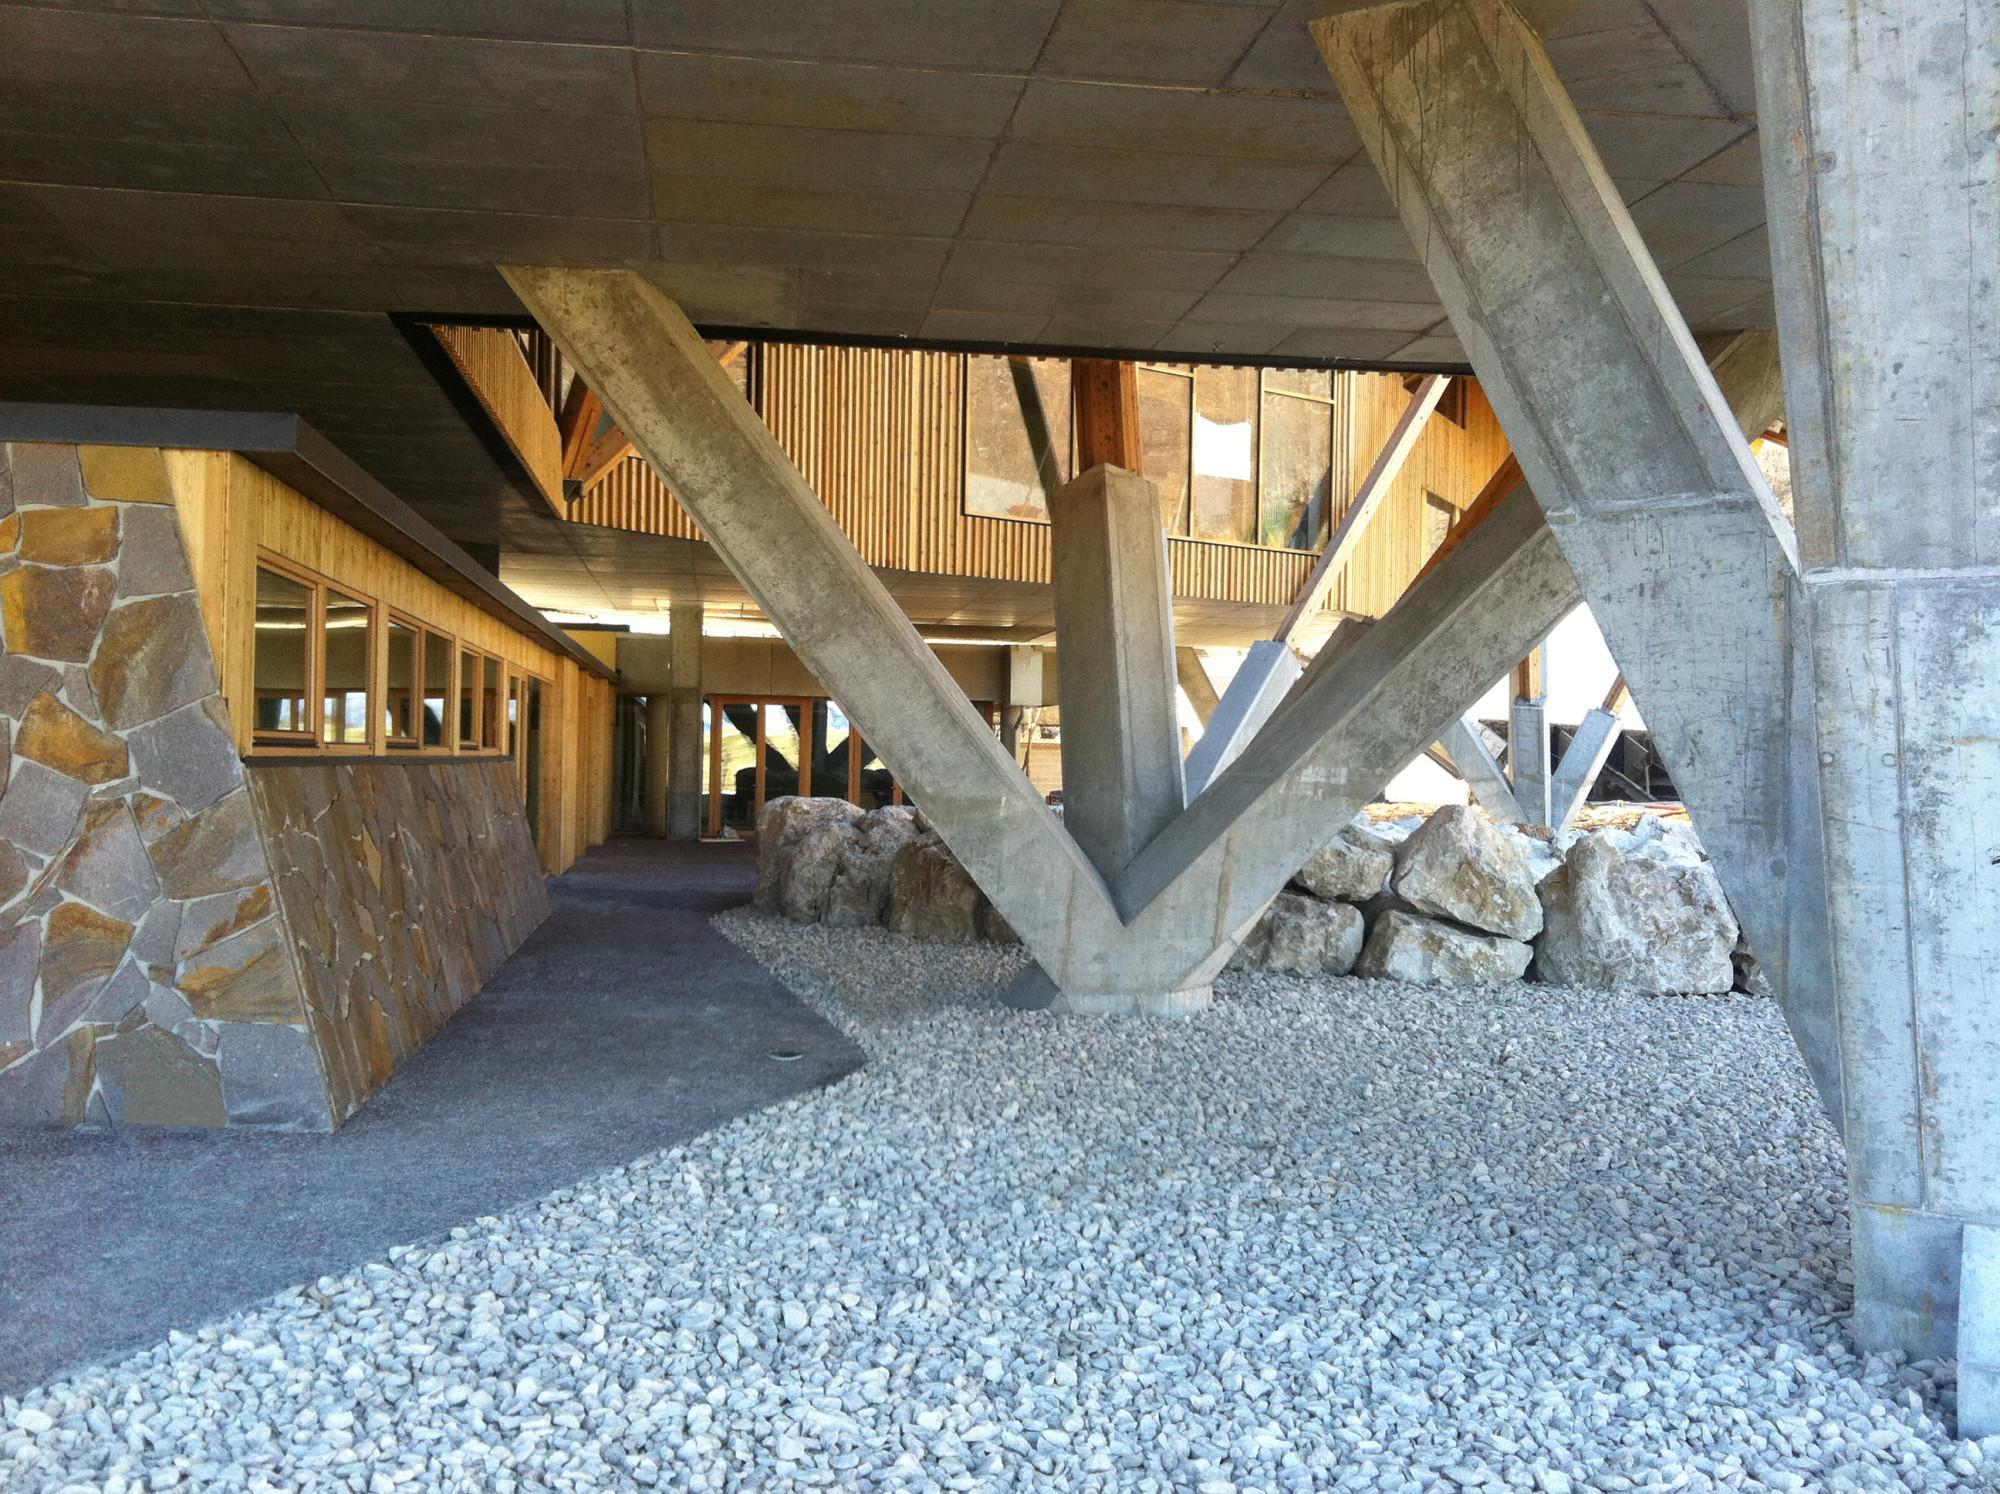 Hotel 1301 inn in piancavallo schiefer hotel gastronomie baunetz wissen - Billardtisch aus beton oeffentlichen bereich ...